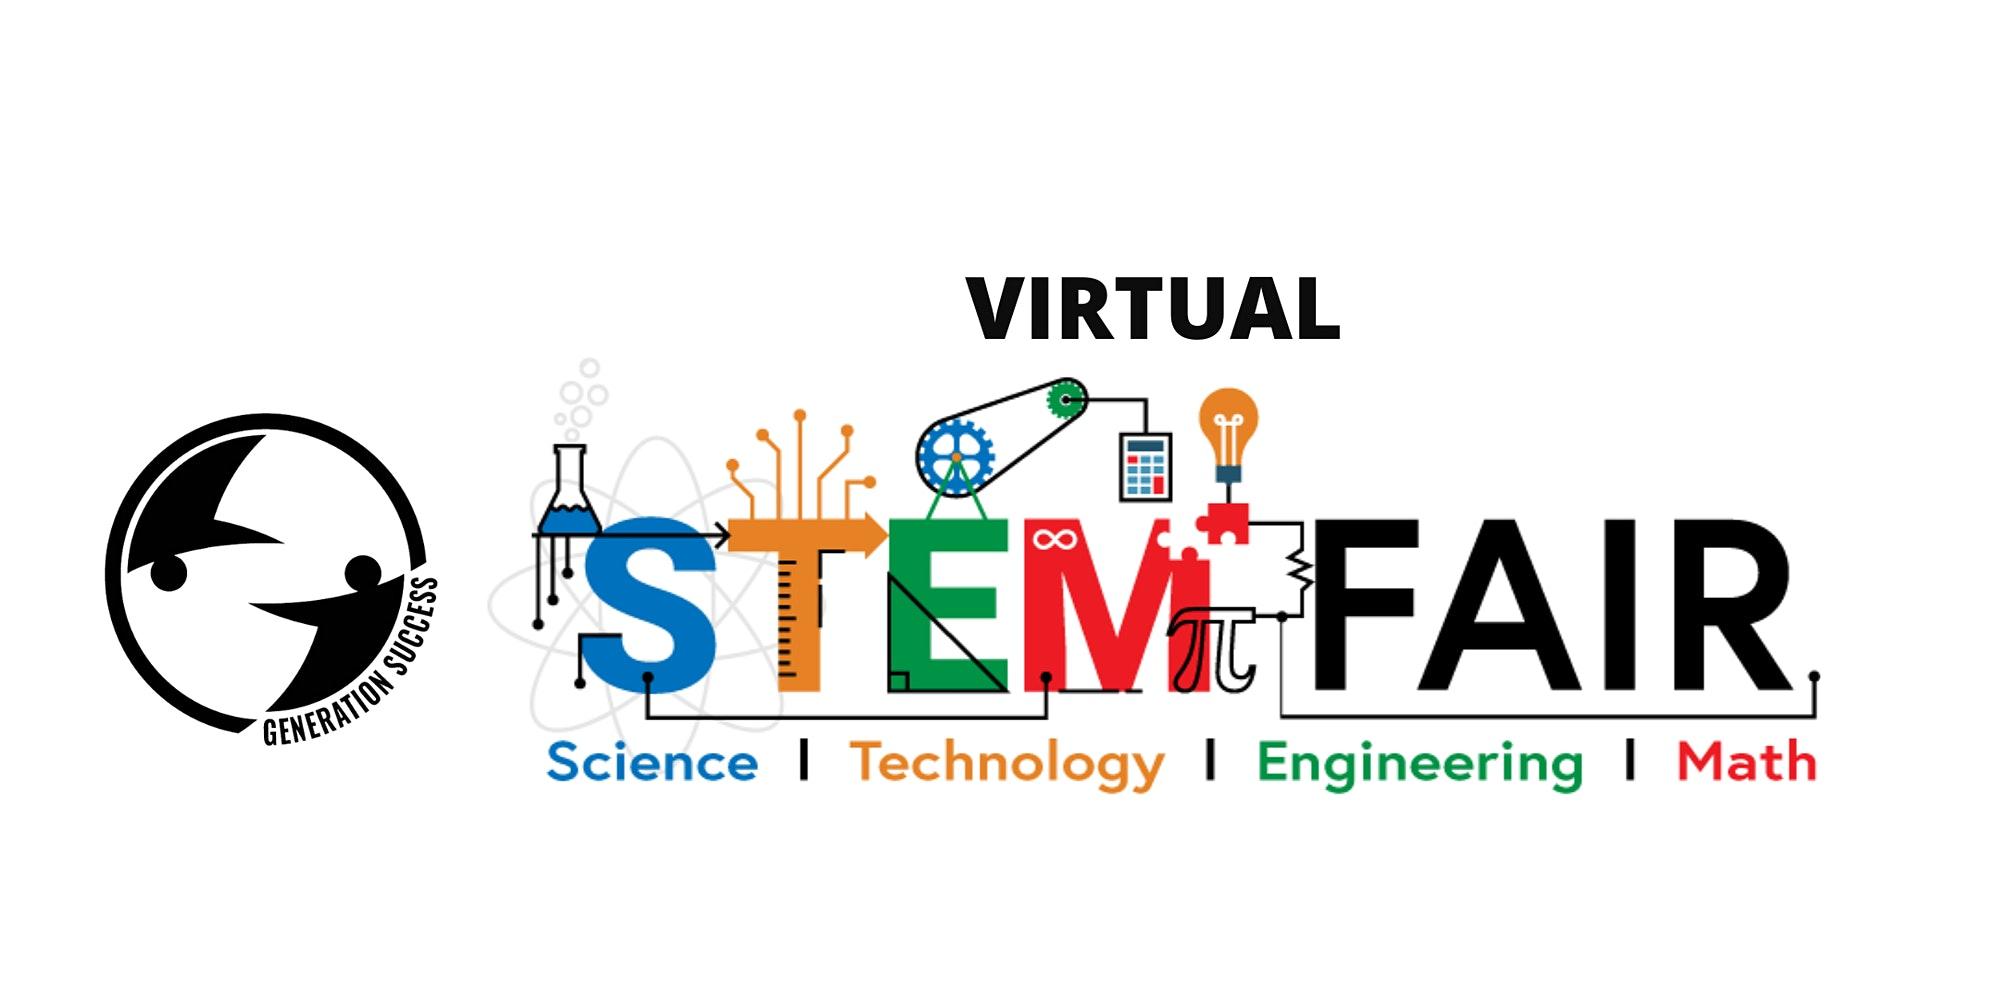 Virtual STEM Fair image